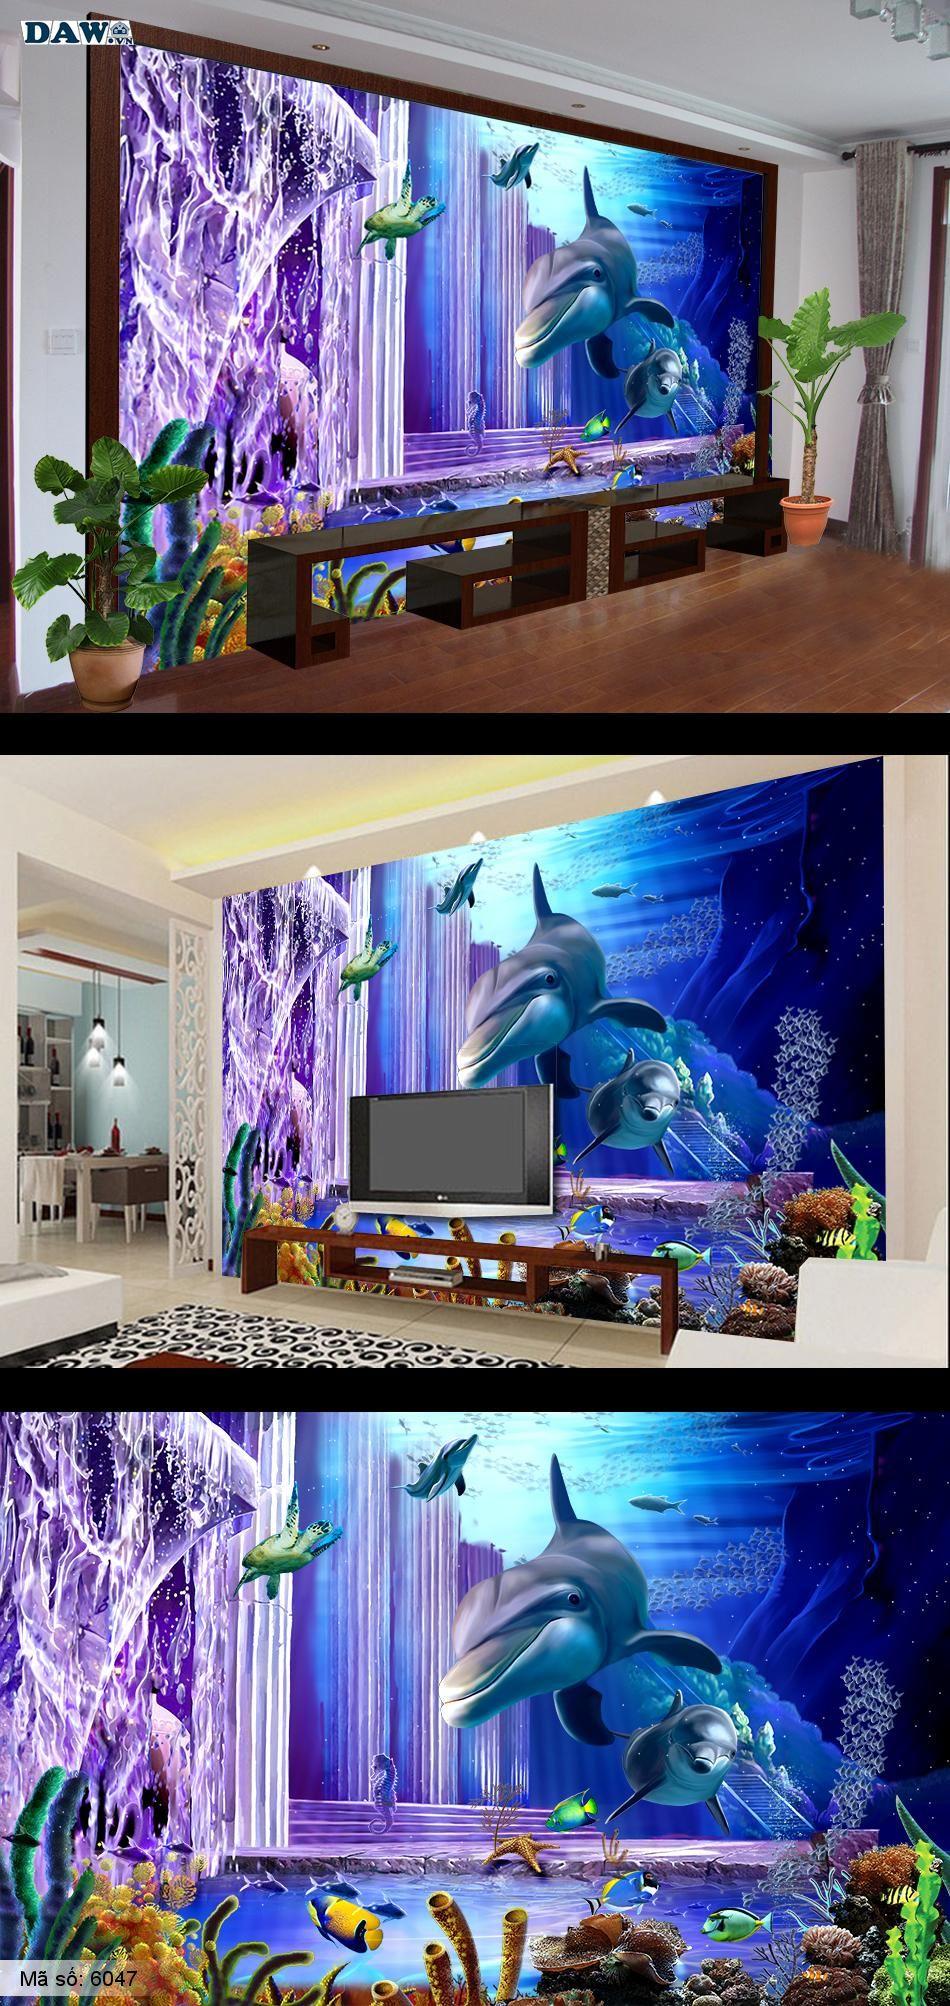 Tranh biển, tranh dán tường đấy biển, biển đẹp, tranh dan tuong ca heo, tranh 3D, tranh dan tuong 3D 6047